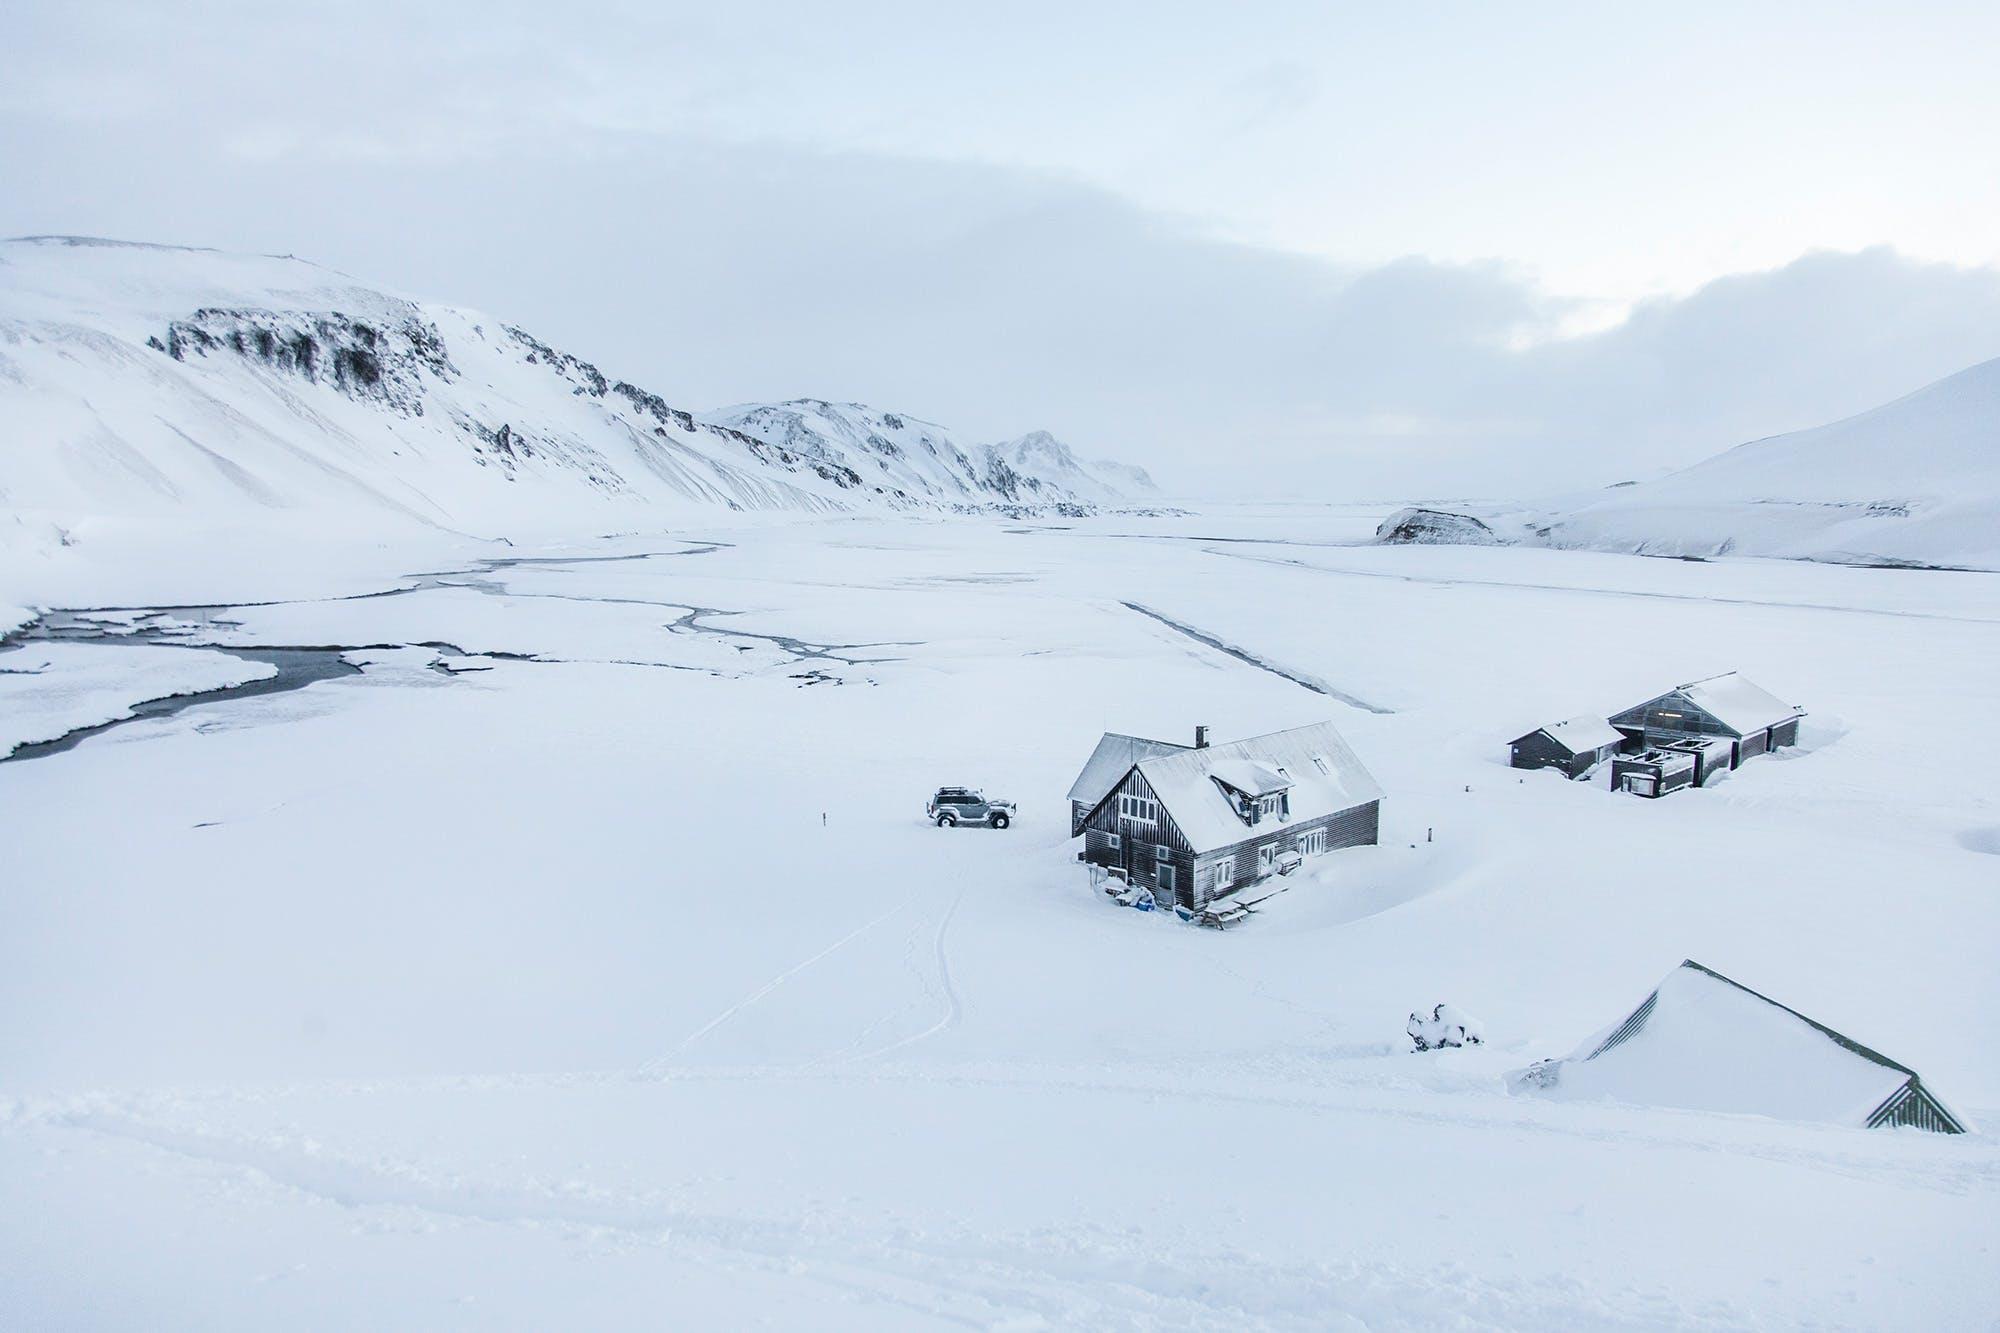 如果爱好狂野自然,可以选择冬季一日游,深入冰岛内陆高地兰德曼纳劳卡